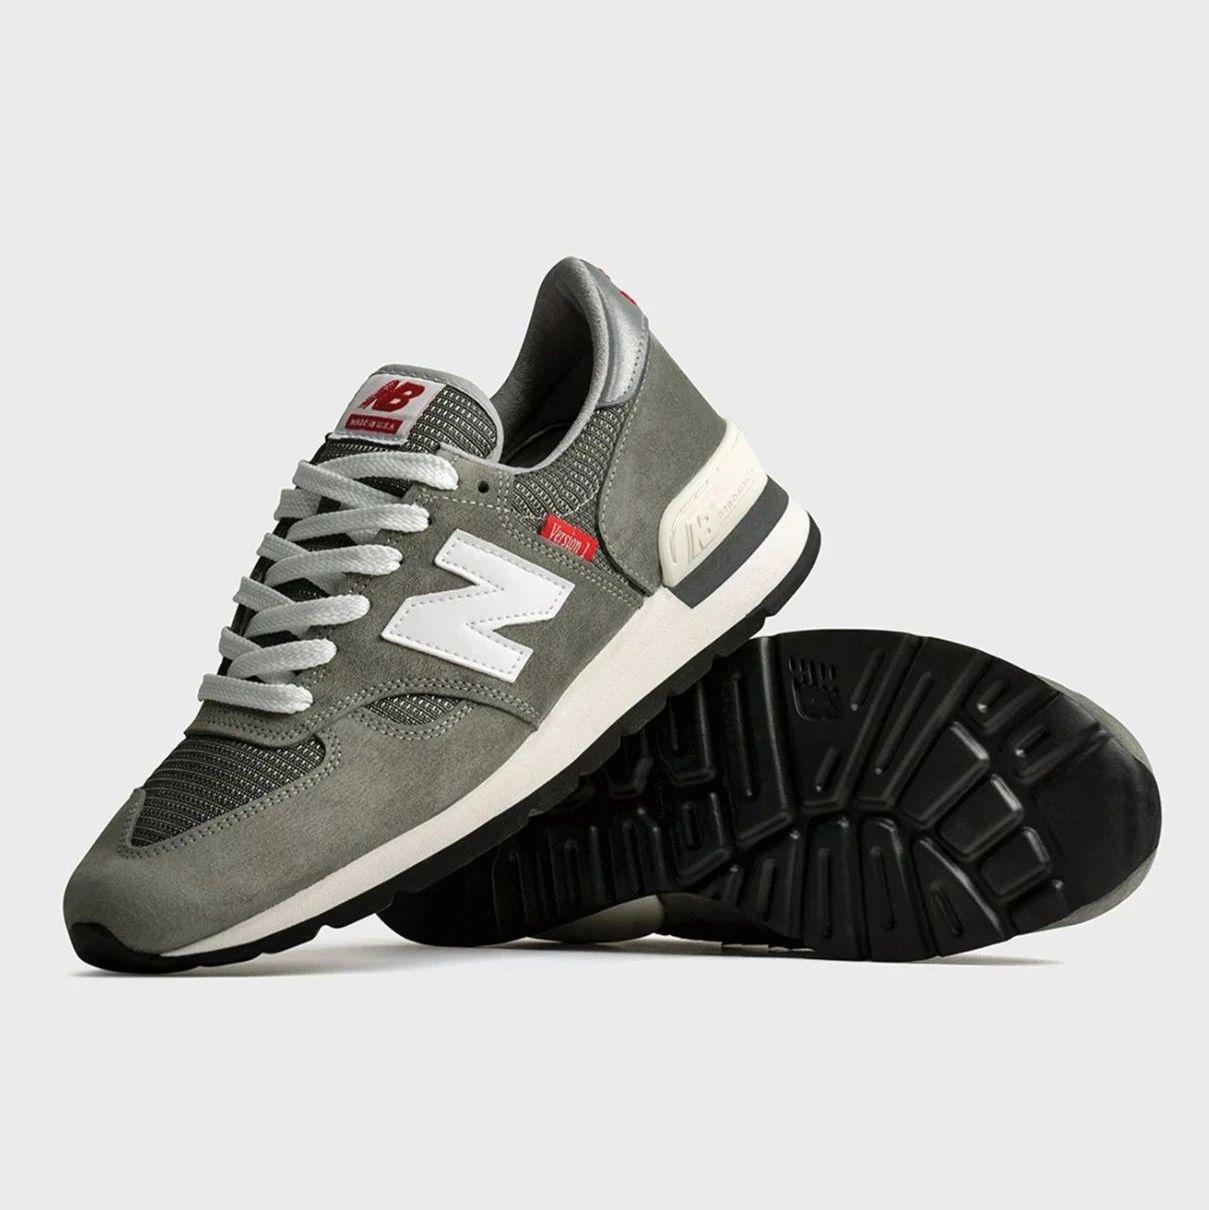 潮鞋速递 | 四十周年预热,NB 990v1 迎来碳灰色纪念版